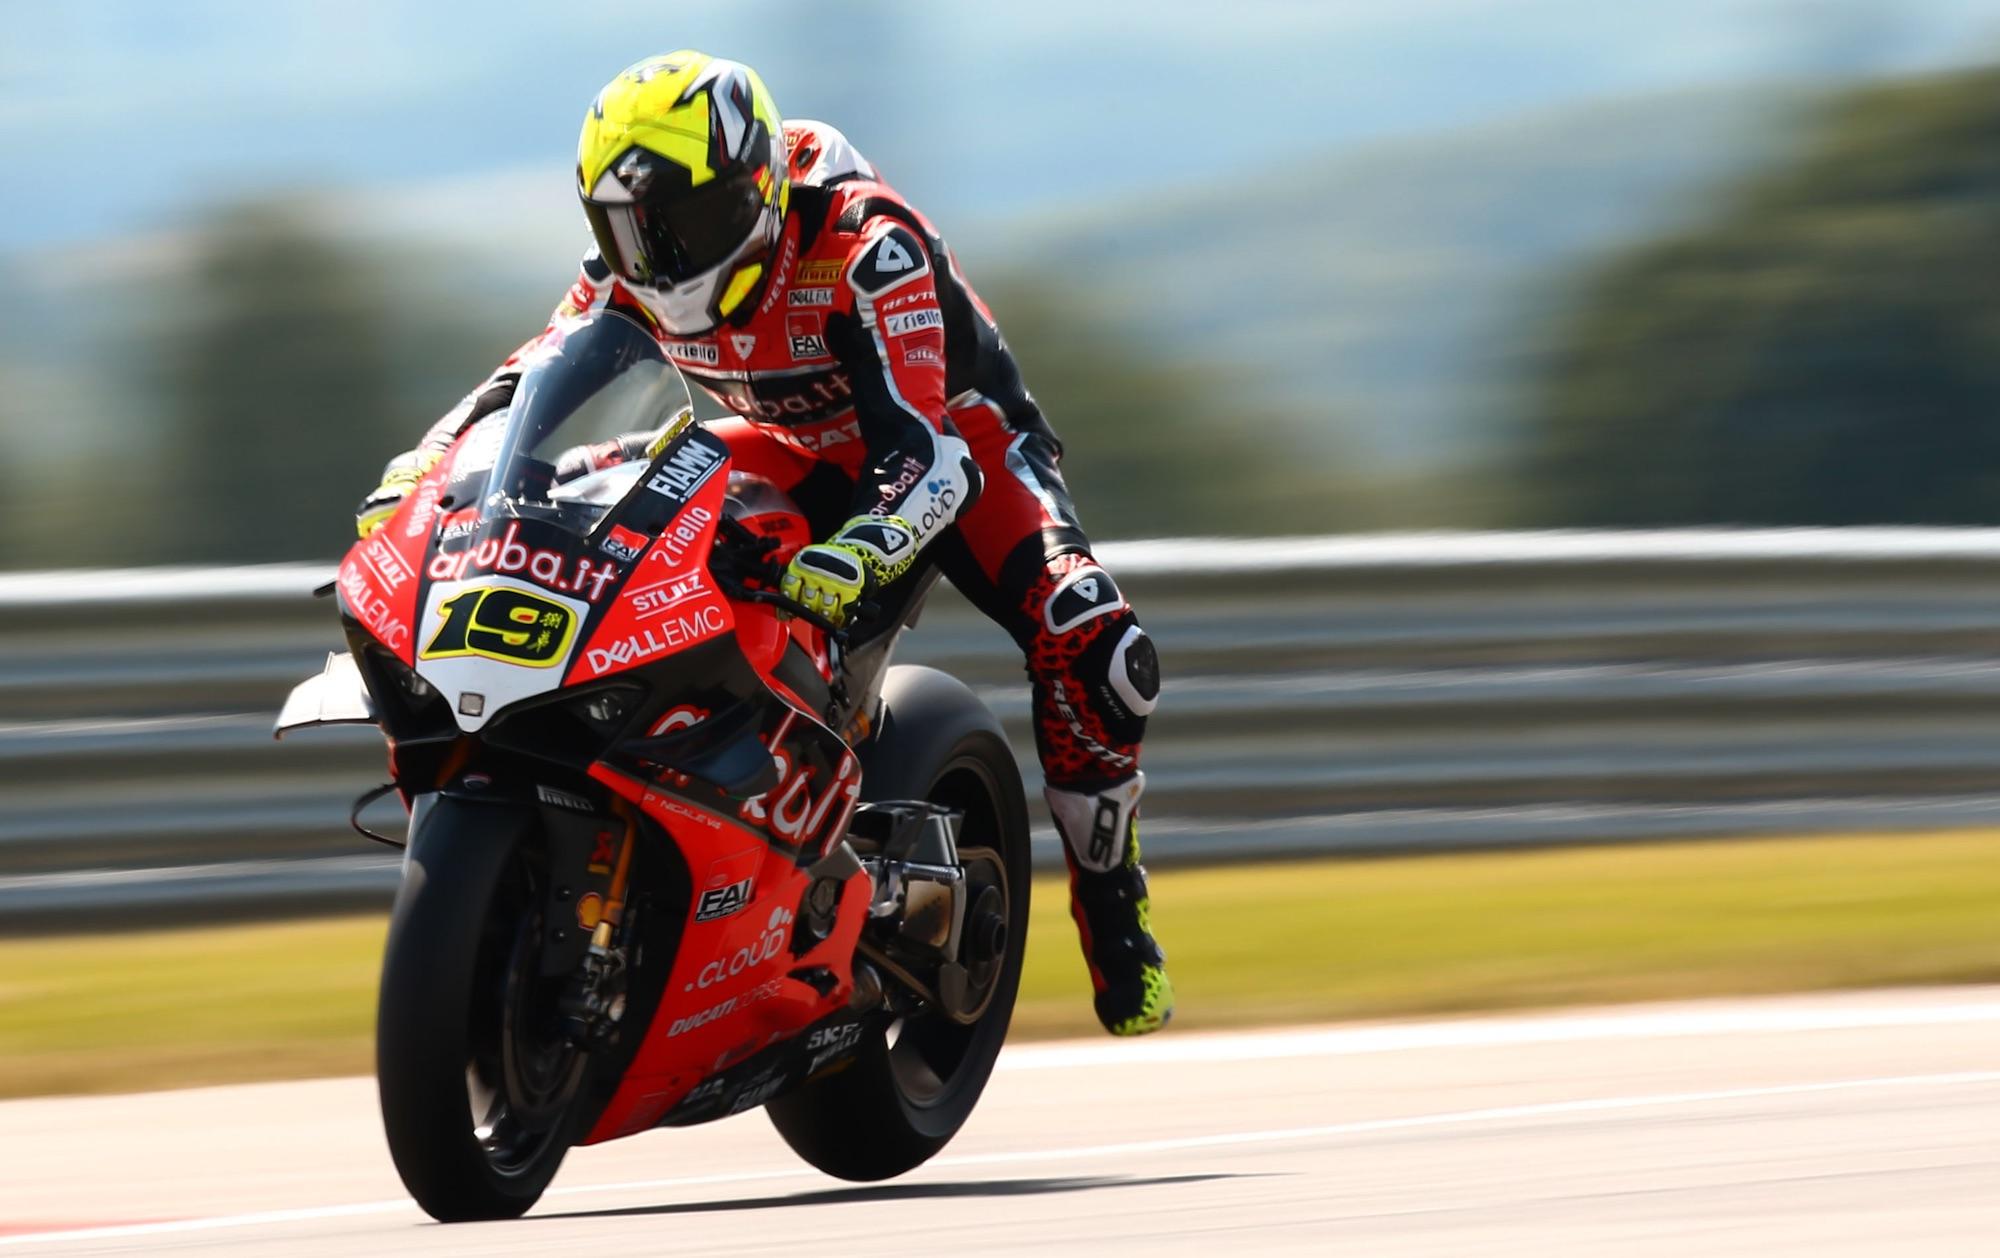 """Álvaro Bautista: """"La moto se mueve mucho, acabé destrozado del esfuerzo"""""""